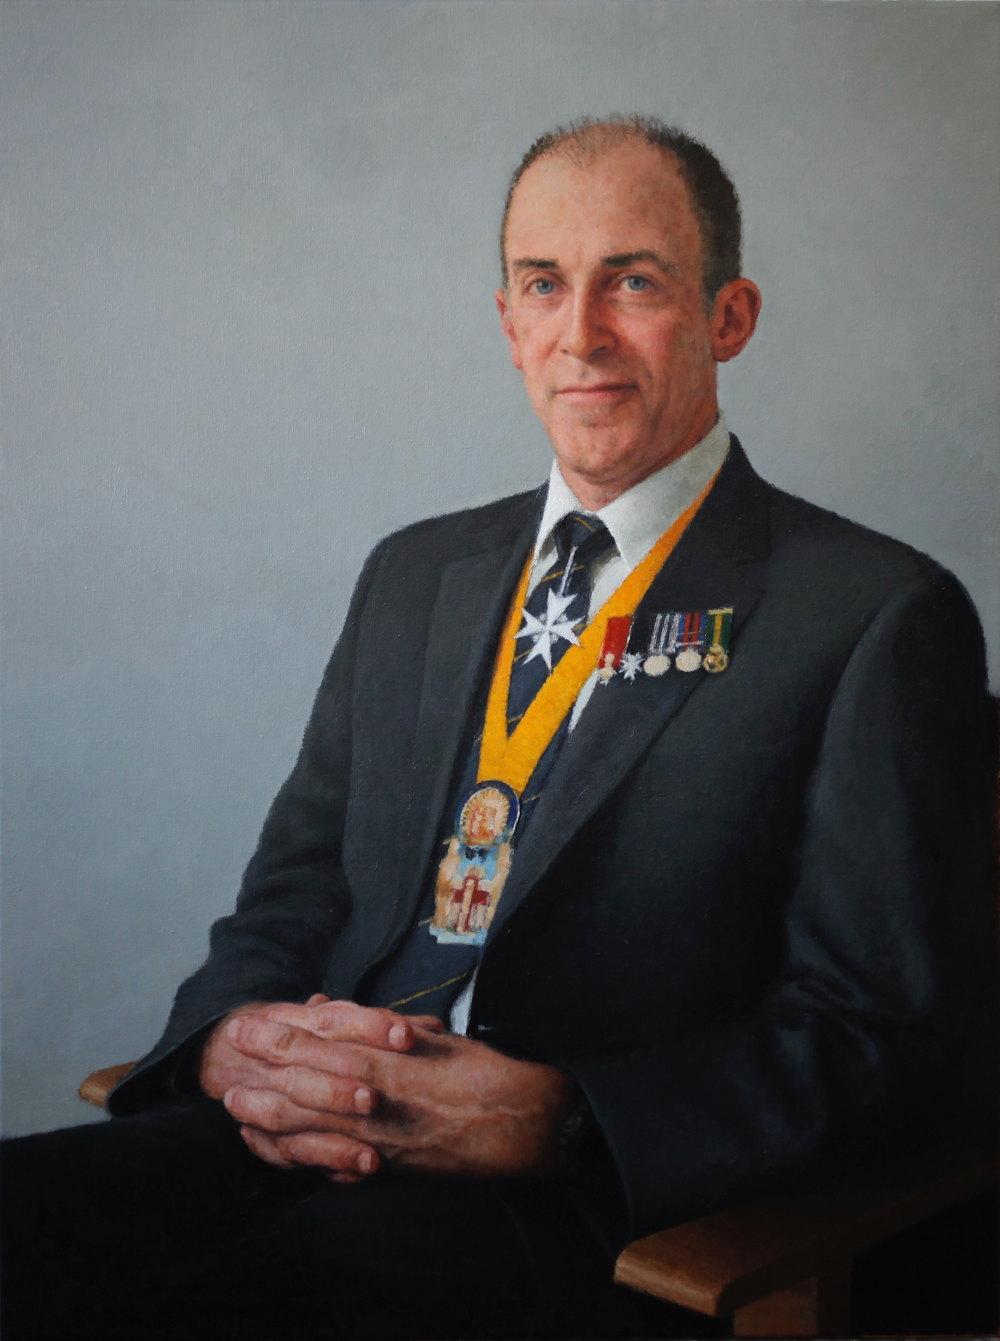 Dr Ian Civil, 2012, Oil on linen, 900mm x 1200mm